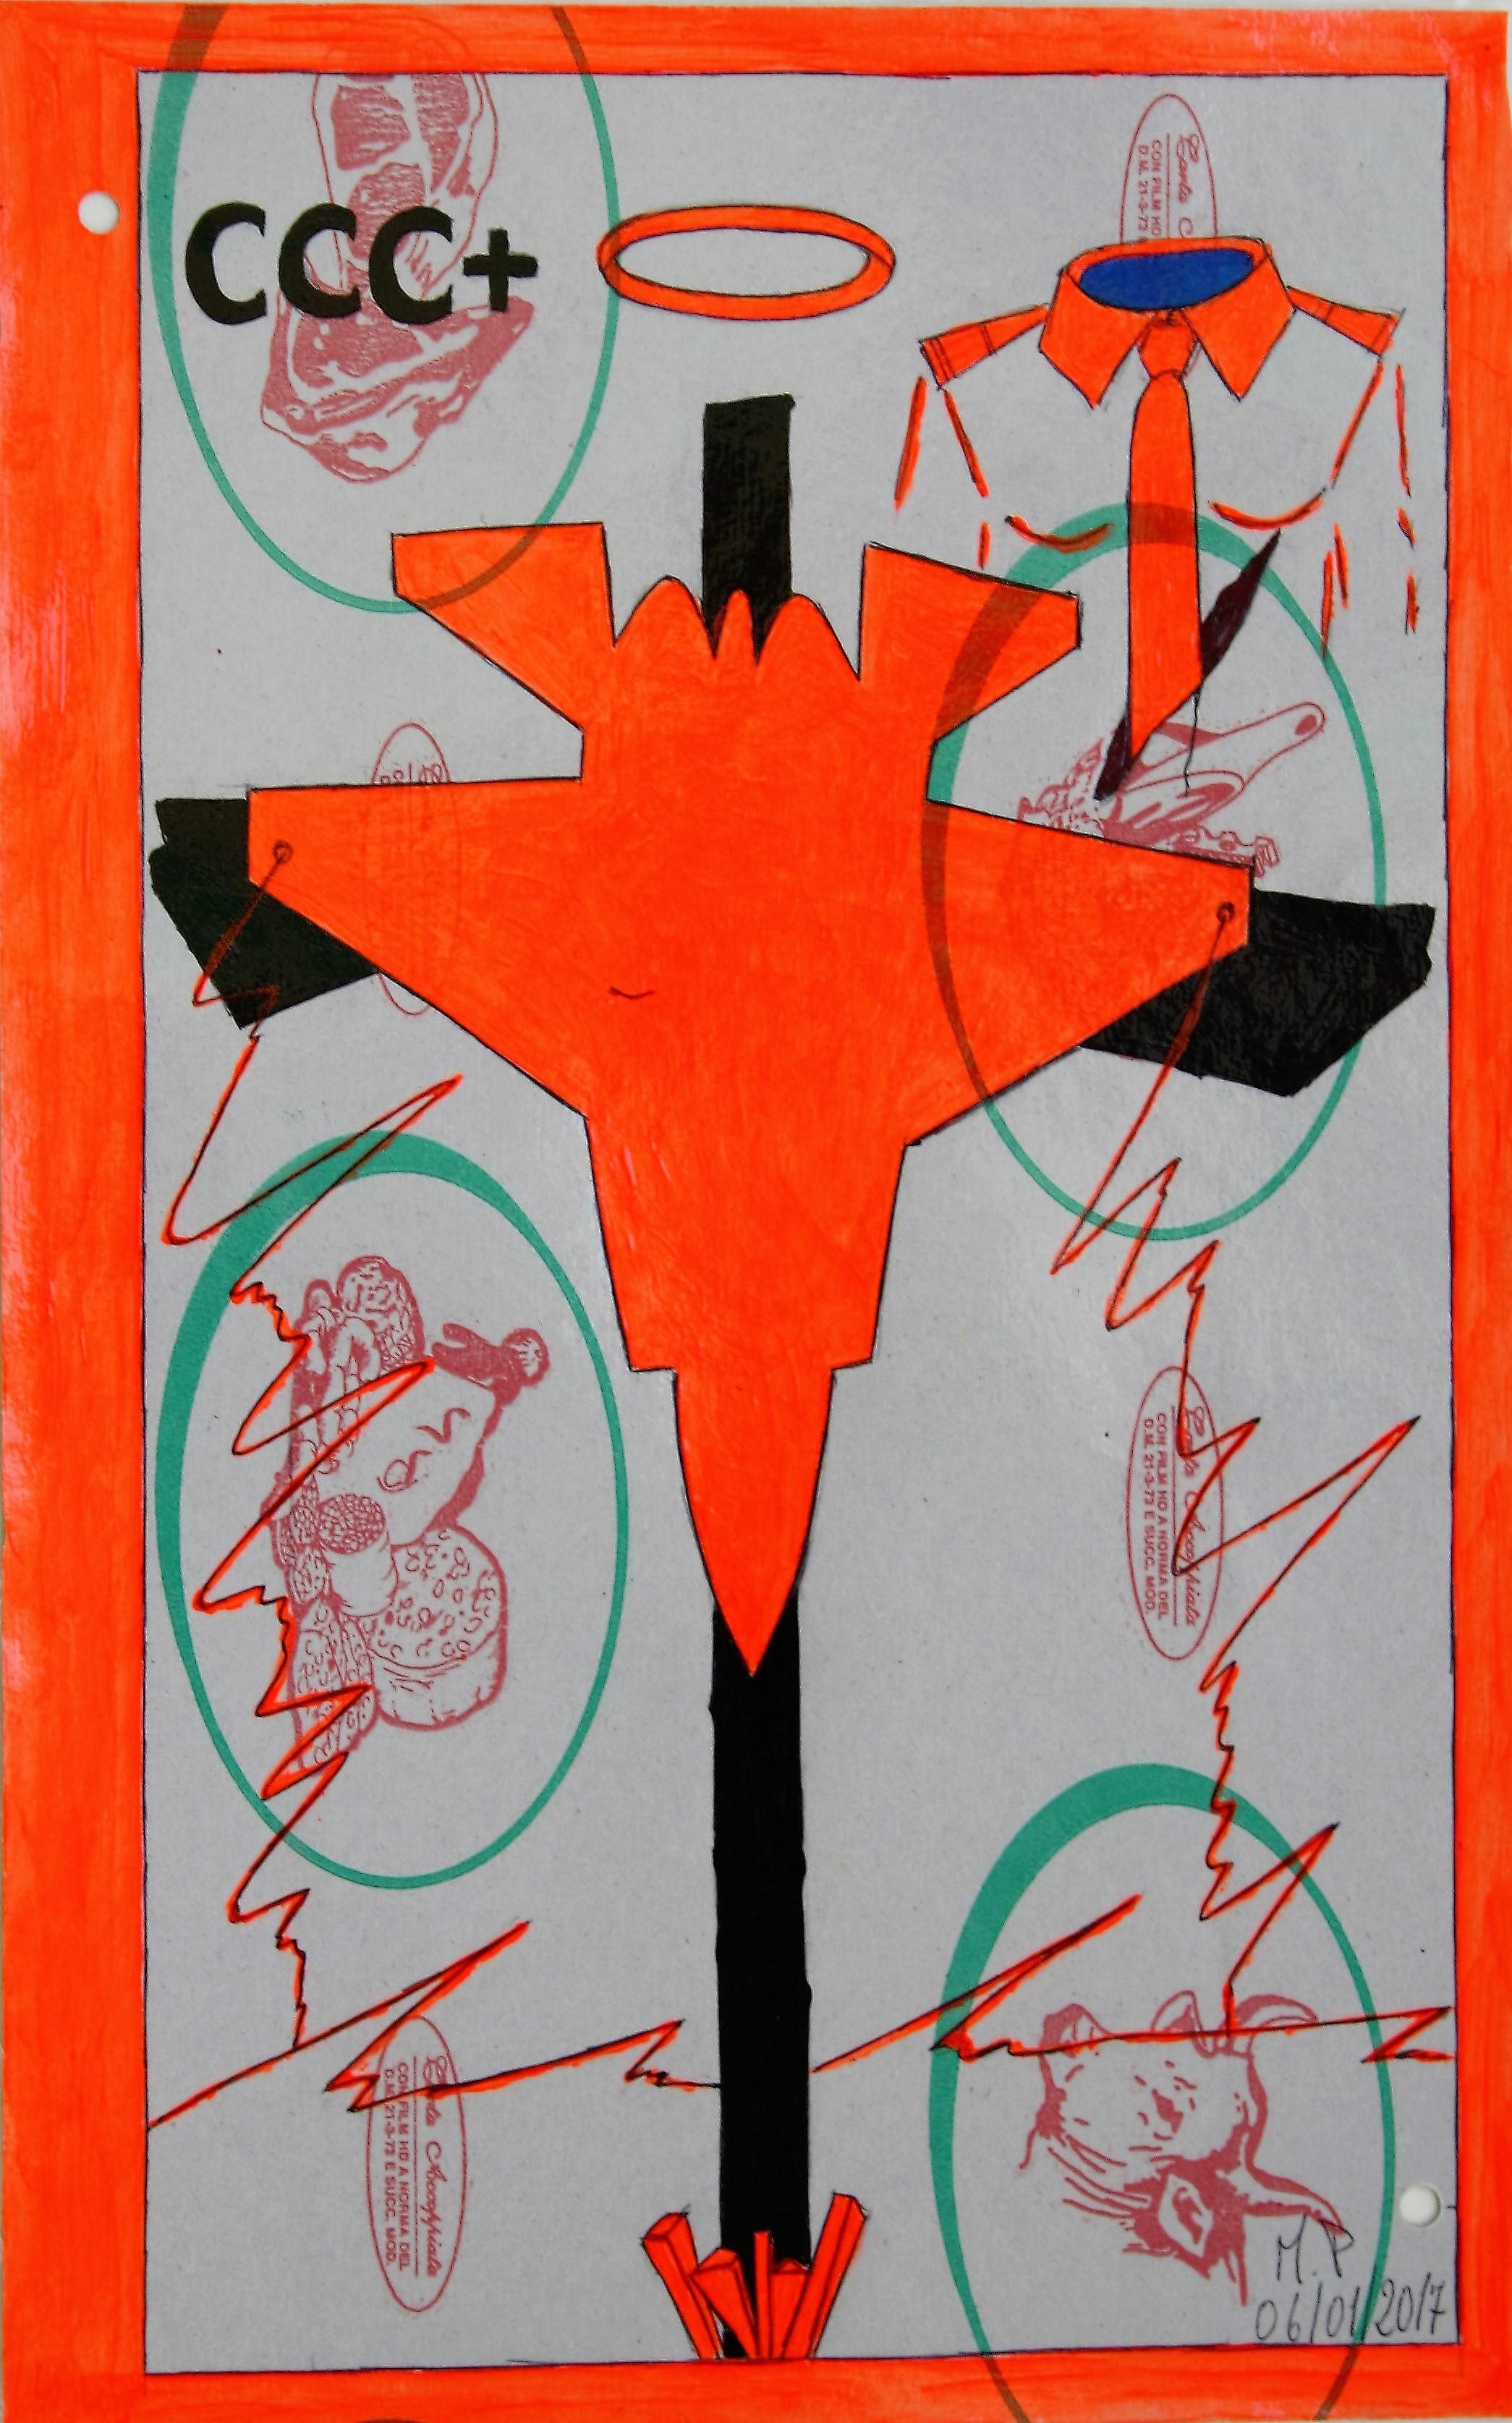 Crocifissione per Default (composizione 4/7). Disegno eseguito con penna nera e rosso fluorescente su carta politenata (carta per alimenti usata in macelleria) successivamente plastificata. Biennale del libro d'artista 2017, Napoli. Pasquale Mastrogiacomo, Acerno (SA). Biennale del libro d'ar